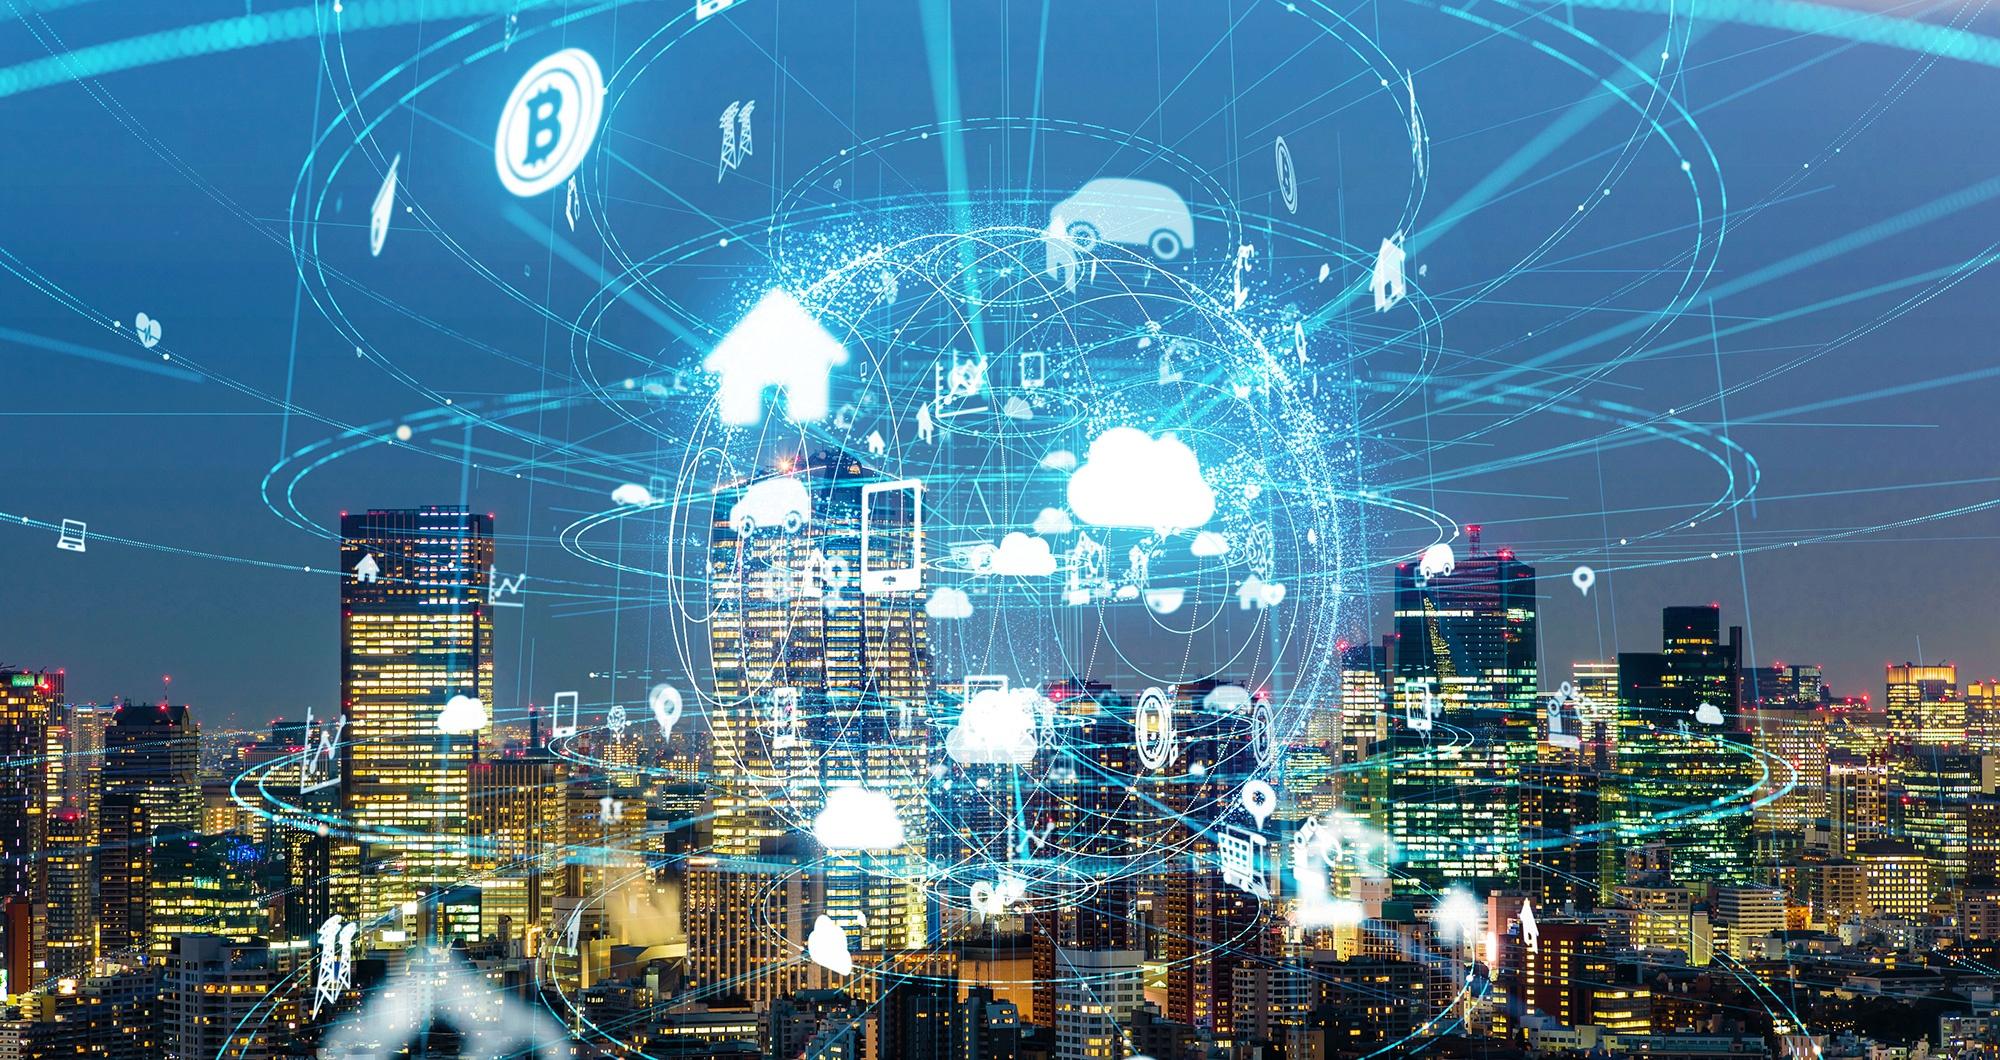 インターネット接続サービス INTERNET CONNECTION